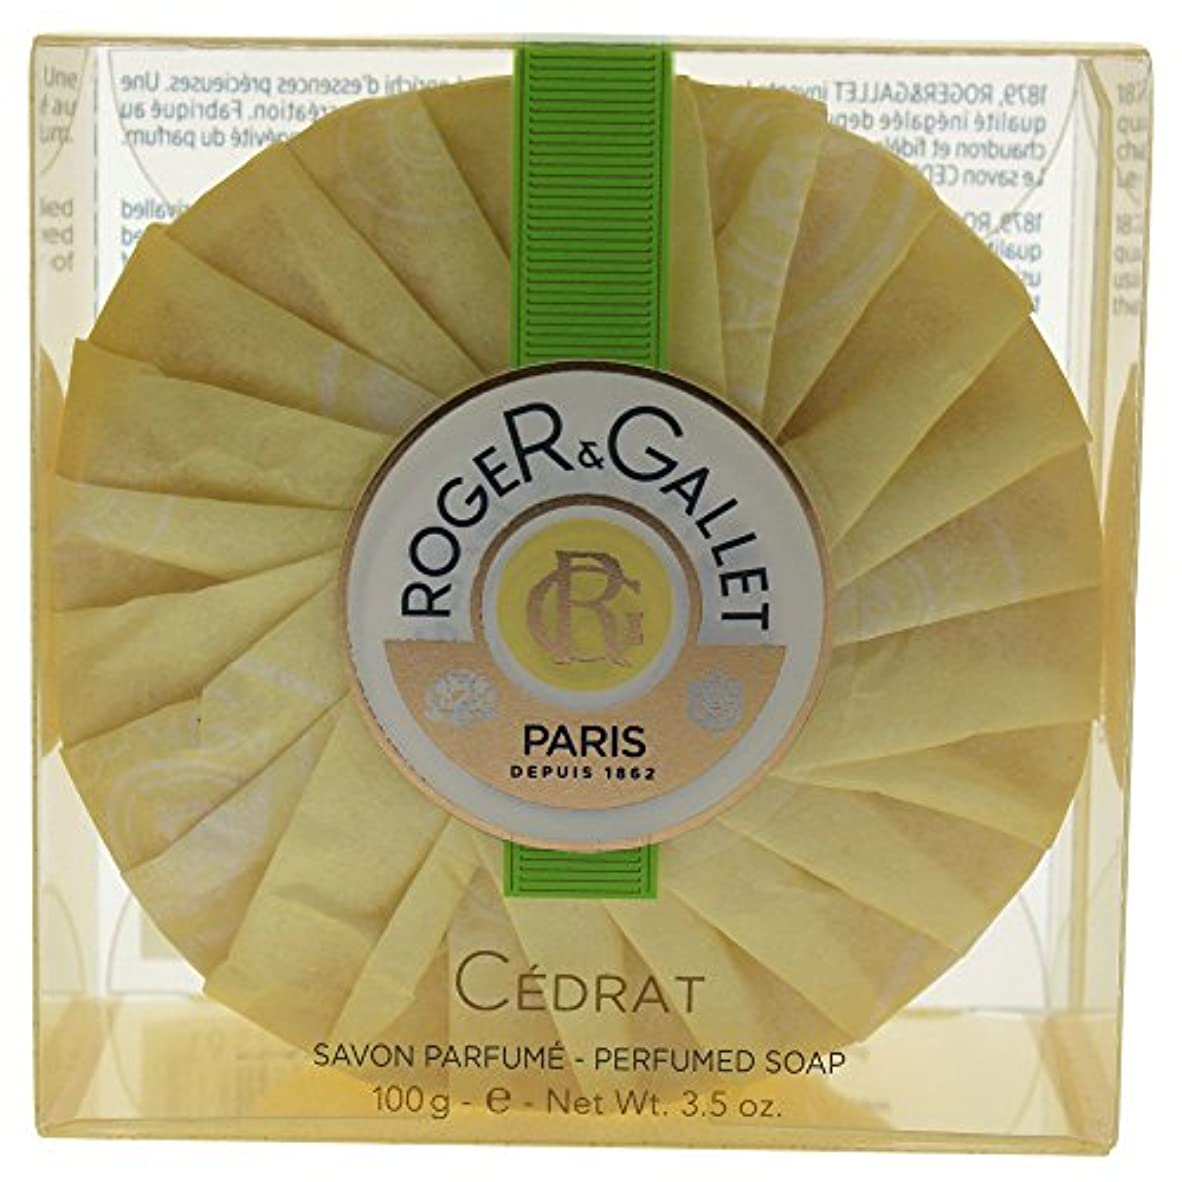 お別れ抗生物質可能にするロジェガレ セドラ パフュームド ソープ 100g 並行輸入品